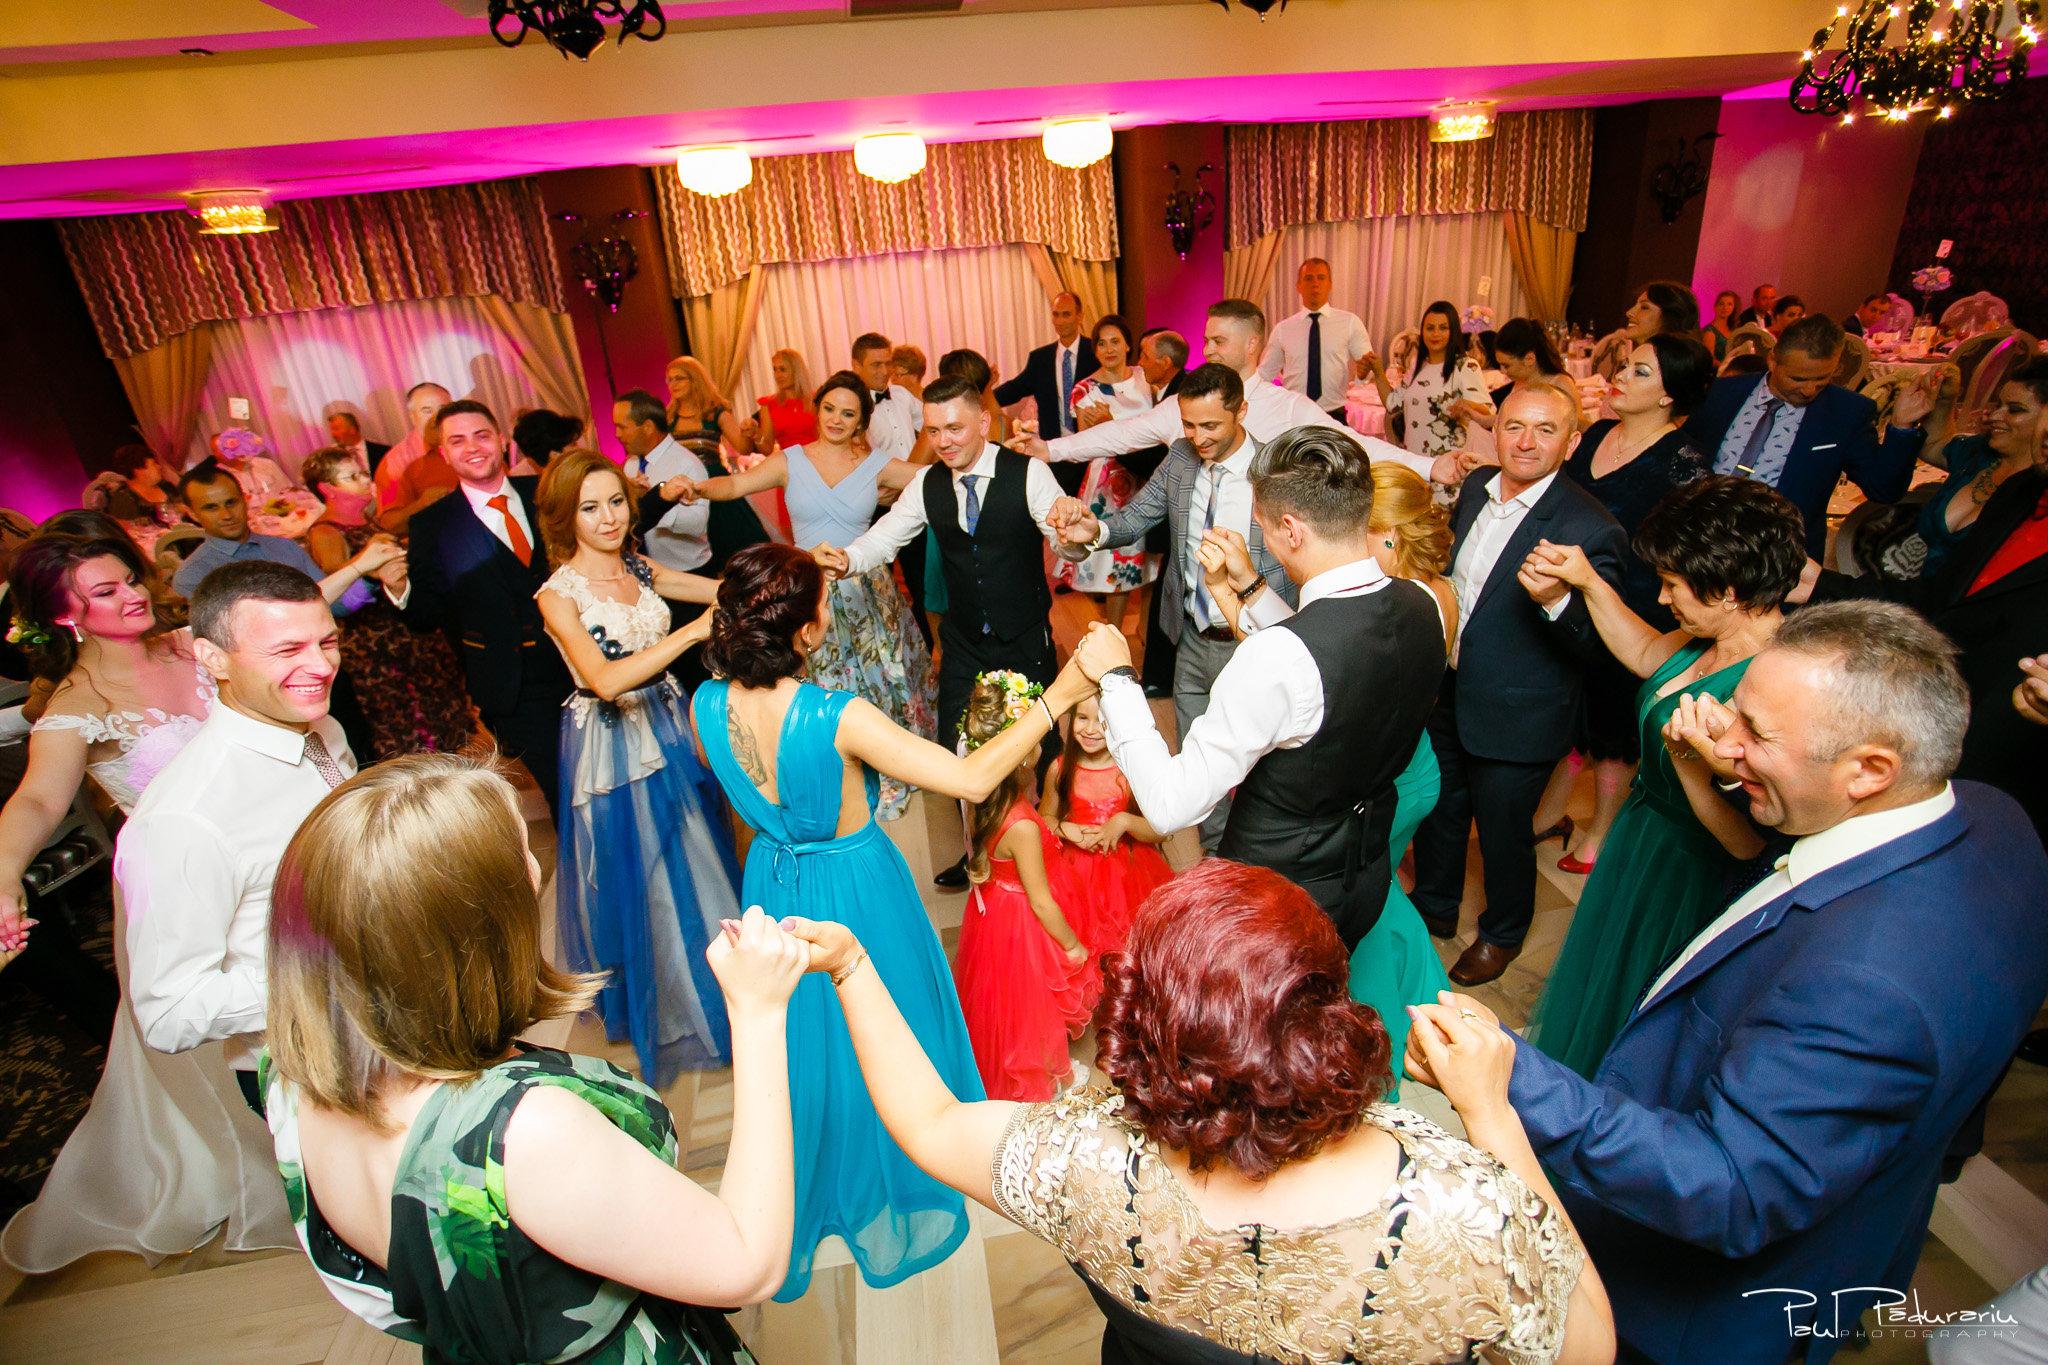 Dans invitati Ariadna si Iulian petrecere nunta Iasi www.paulpadurariu.ro © 2017 Paul Padurariu fotograf profesionist